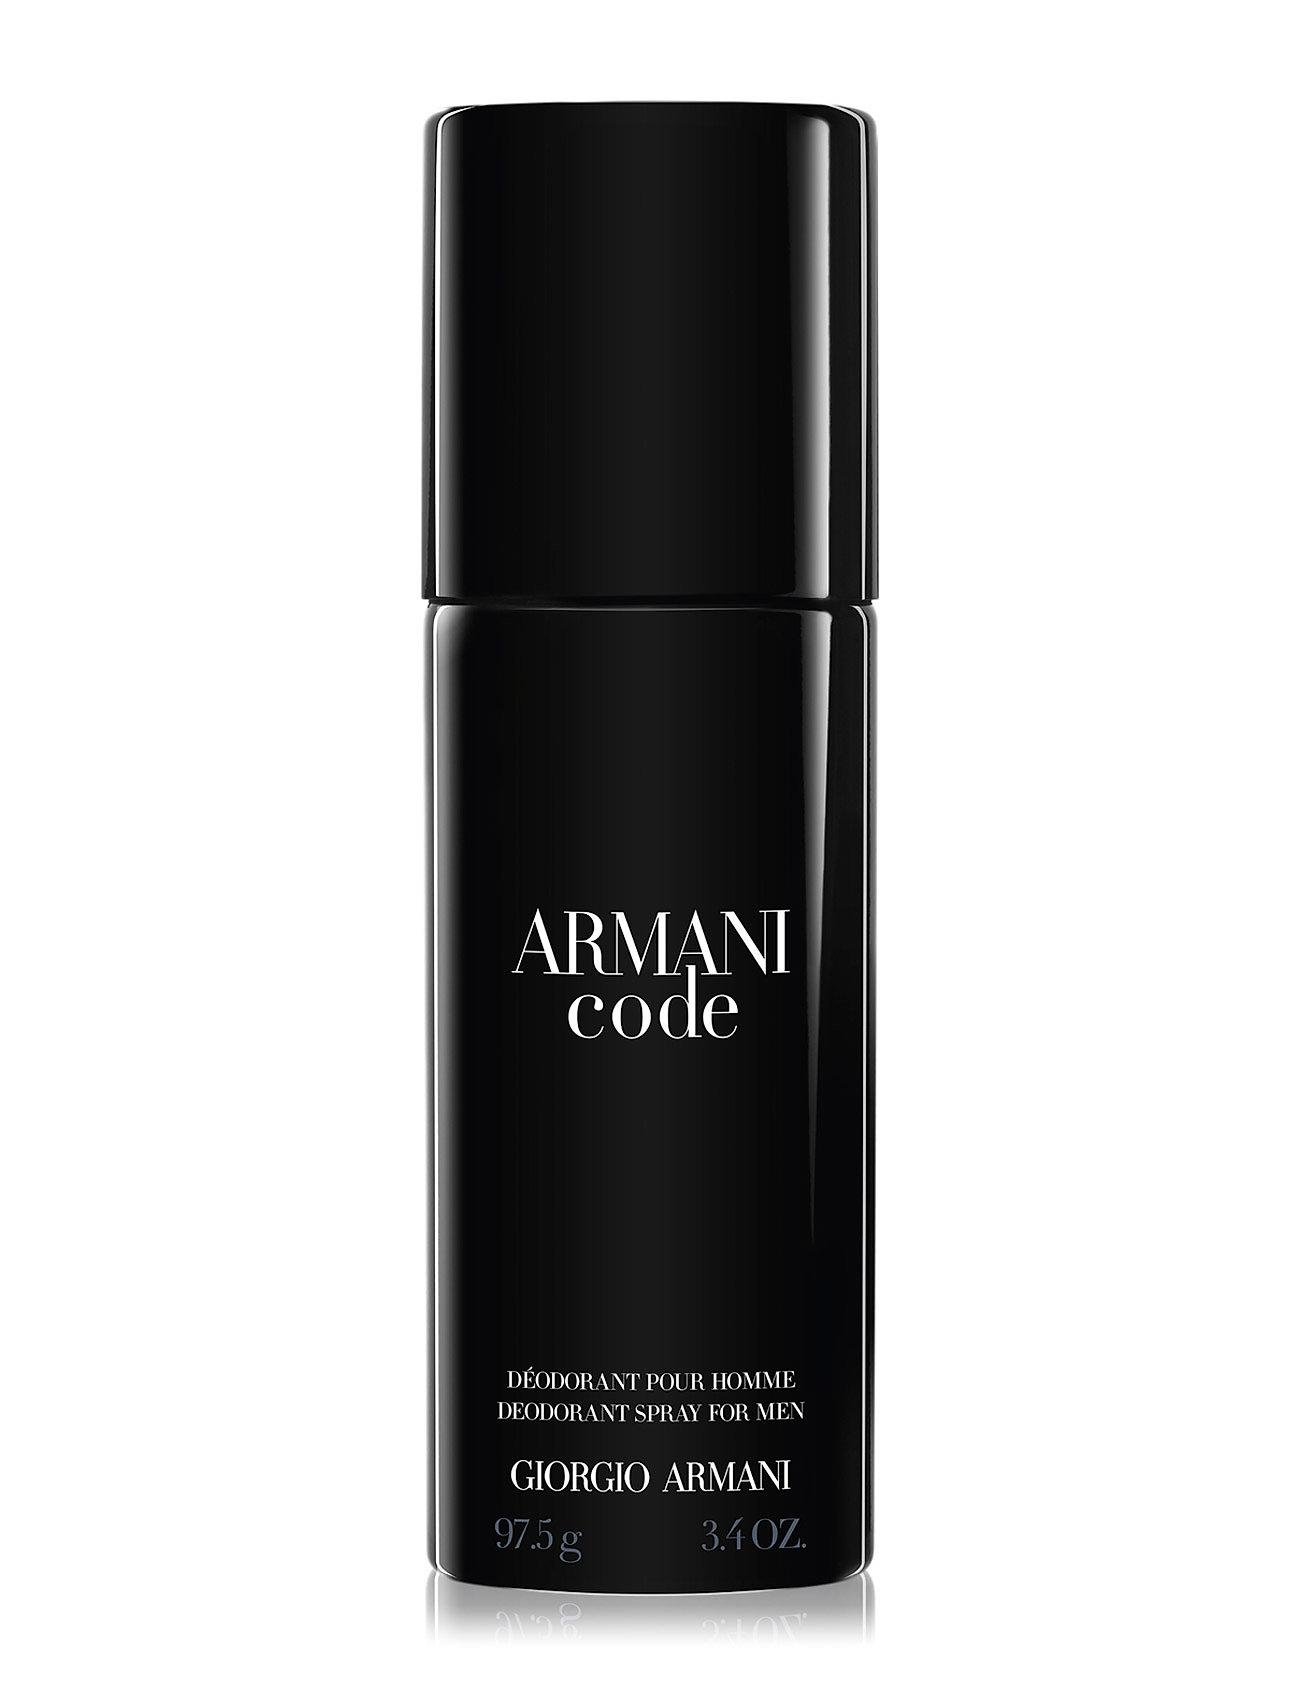 giorgio armani Armani code men deospray 150 ml fra boozt.com dk